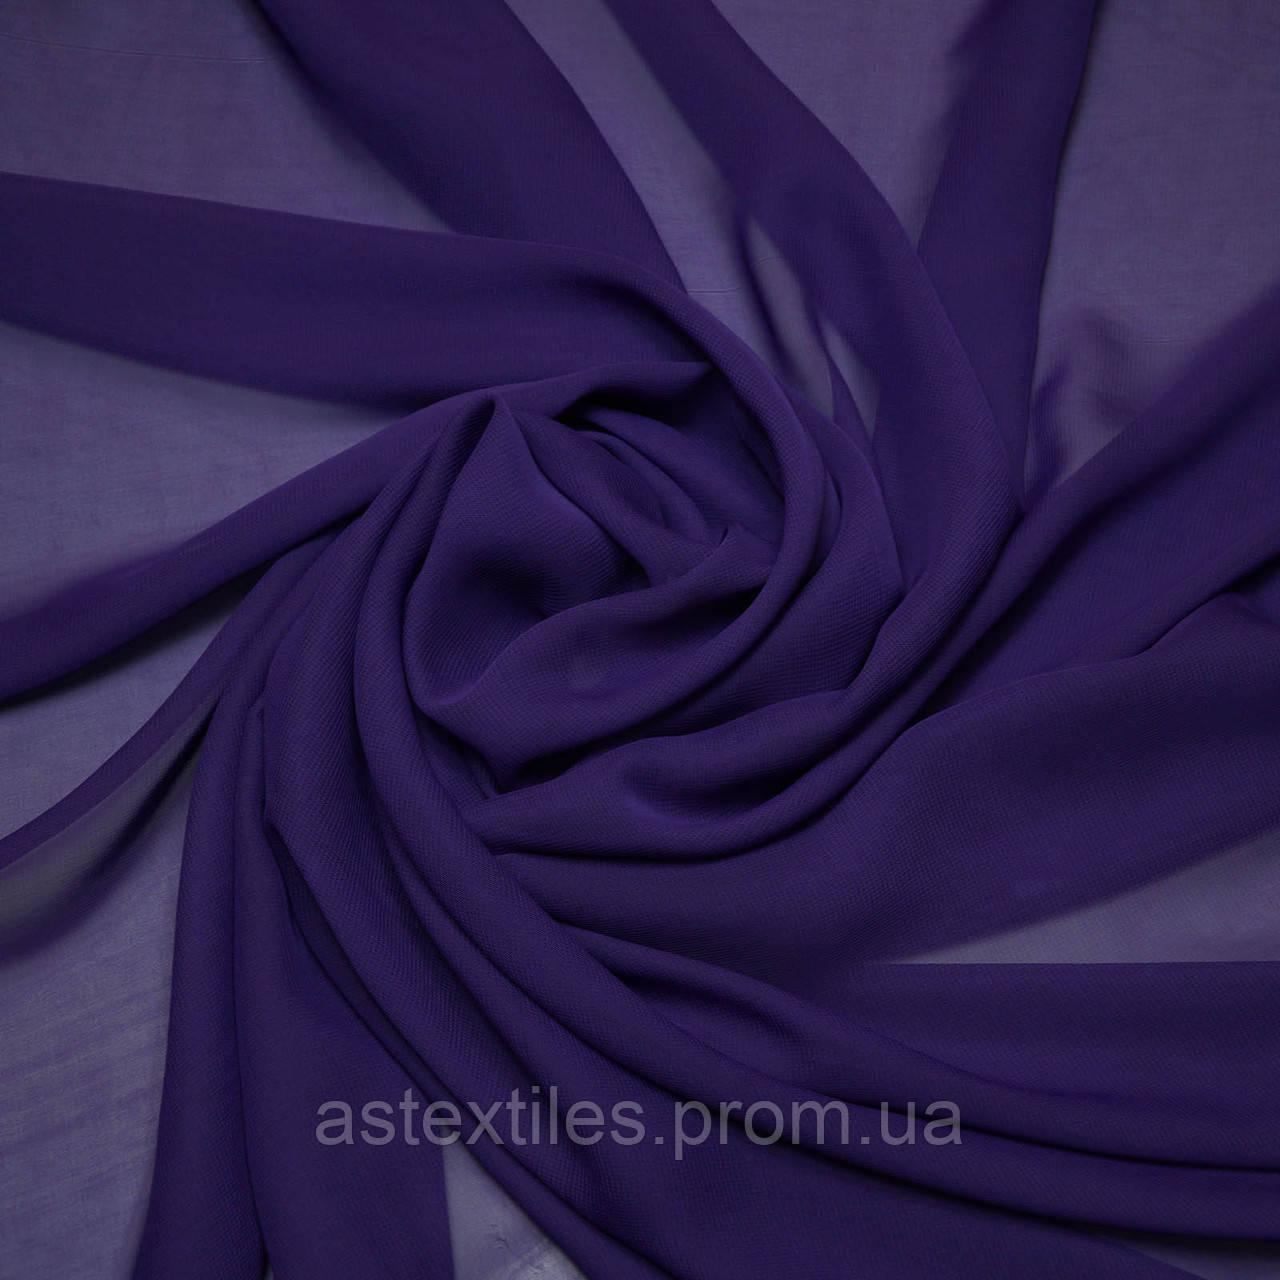 Шифон одежный однотонный (фиолетовый)